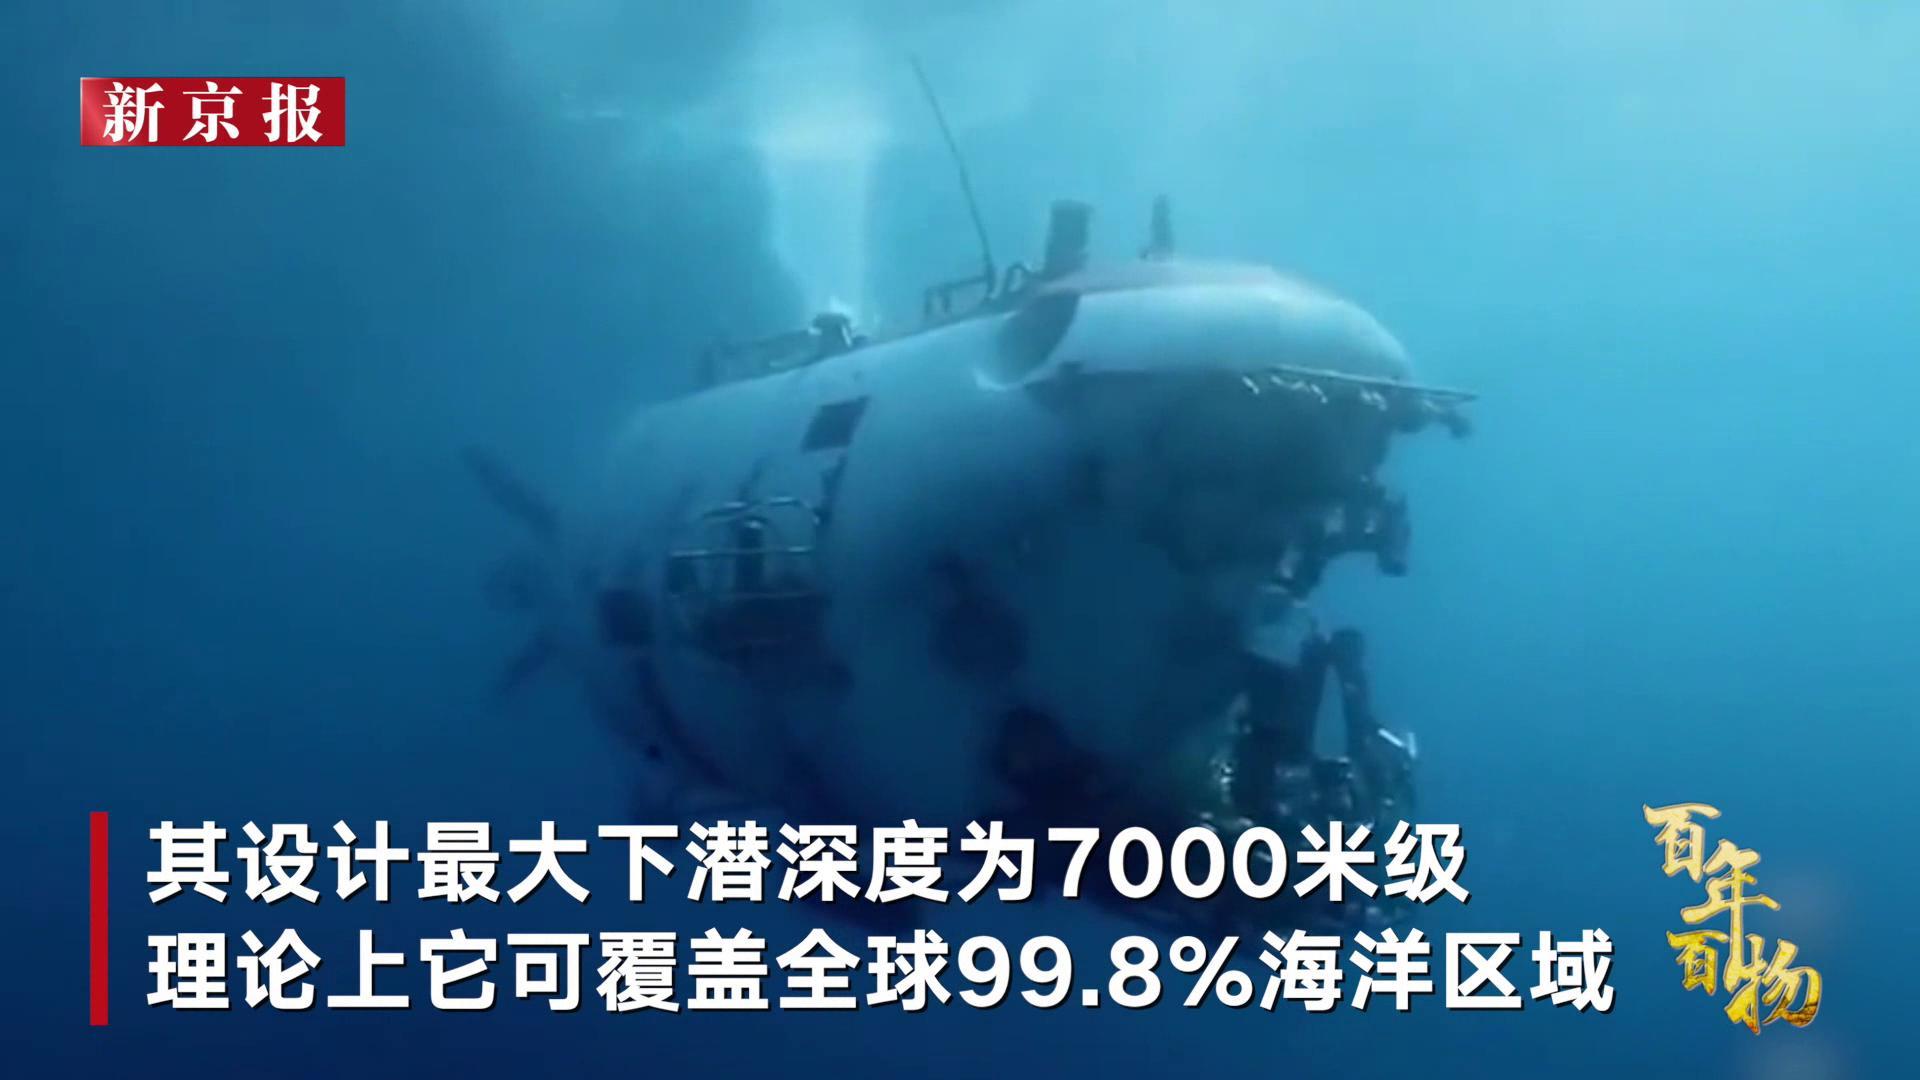 百年百物丨蛟龙号:深潜海底7062米 创造世界同类潜水器记录